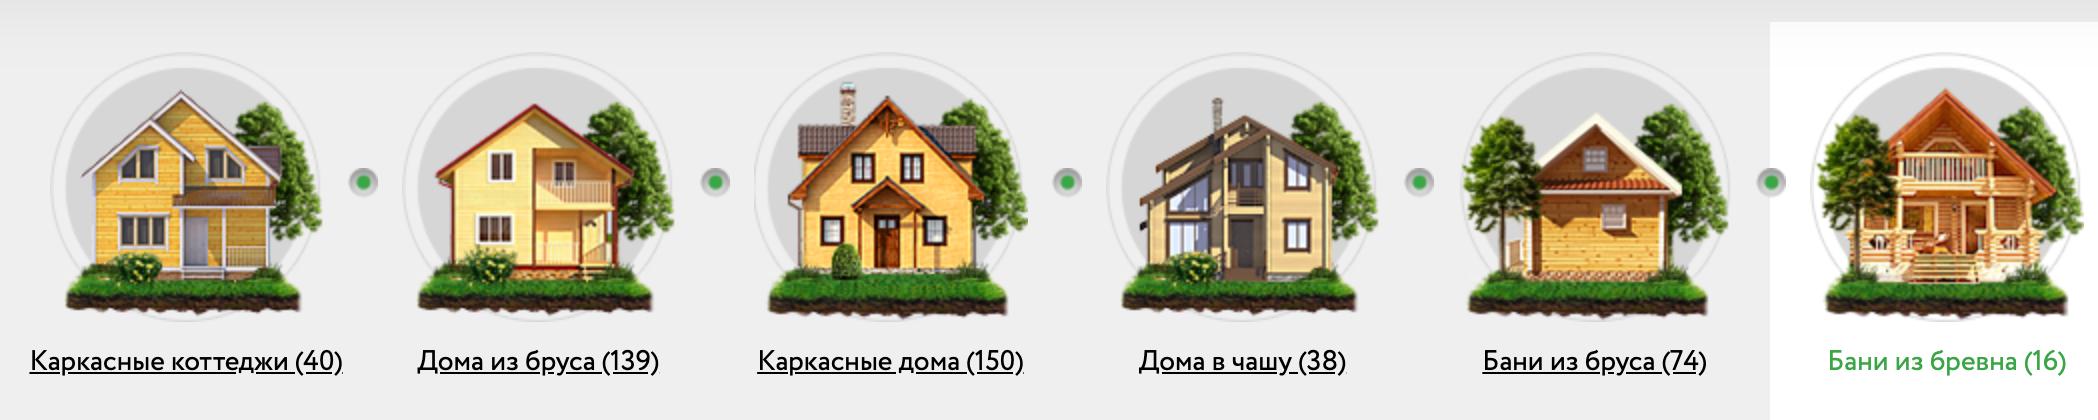 Русская построечка